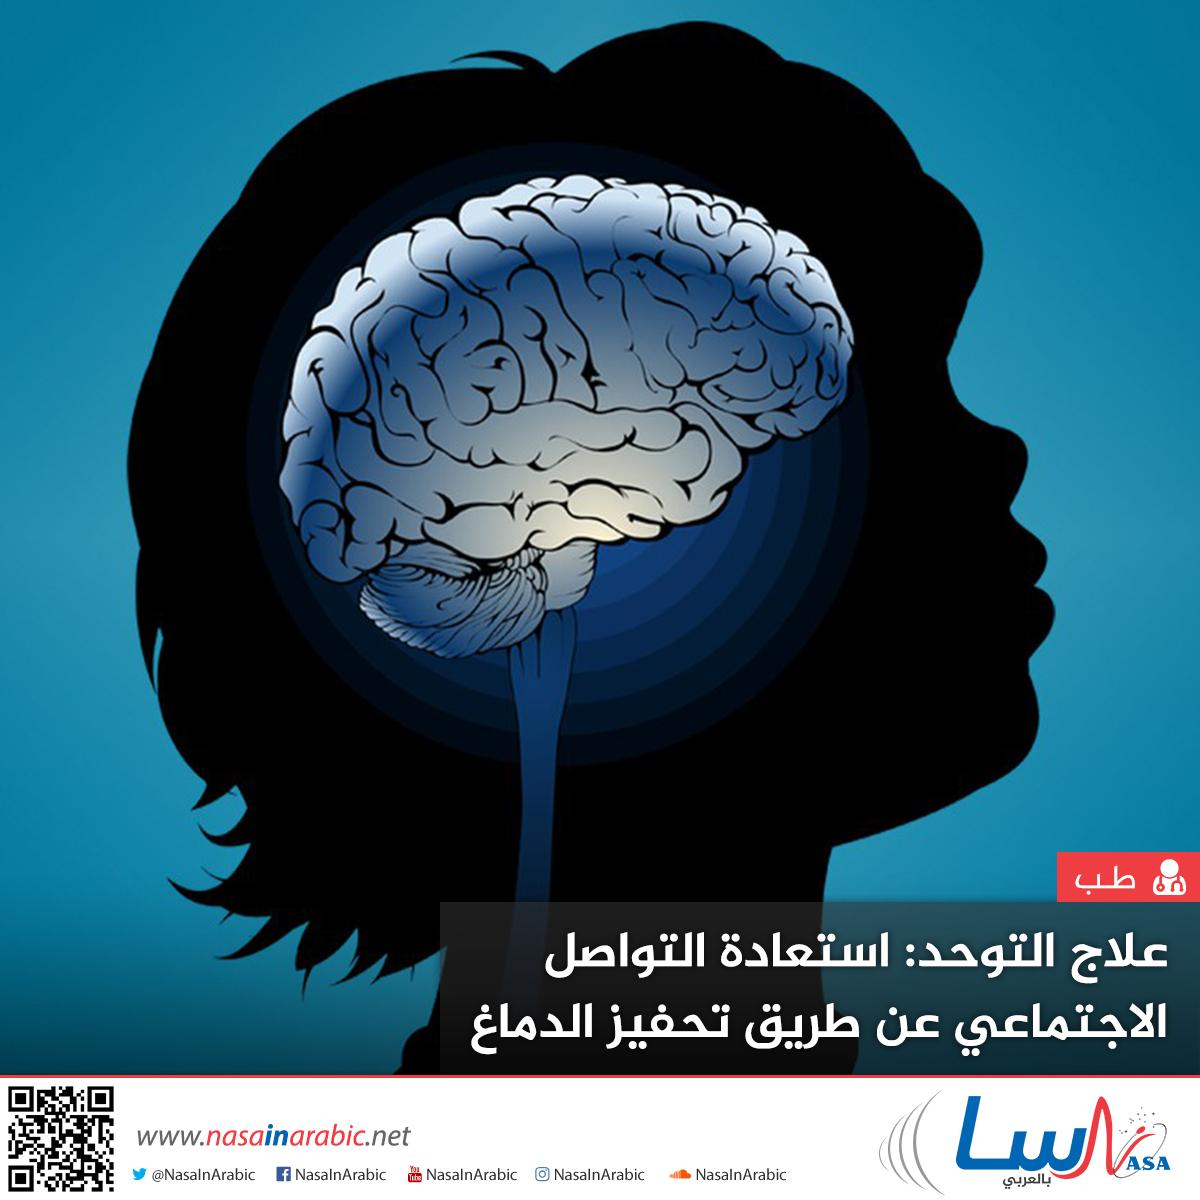 علاج التوحد: استعادة التواصل الاجتماعي عن طريق تحفيز الدماغ